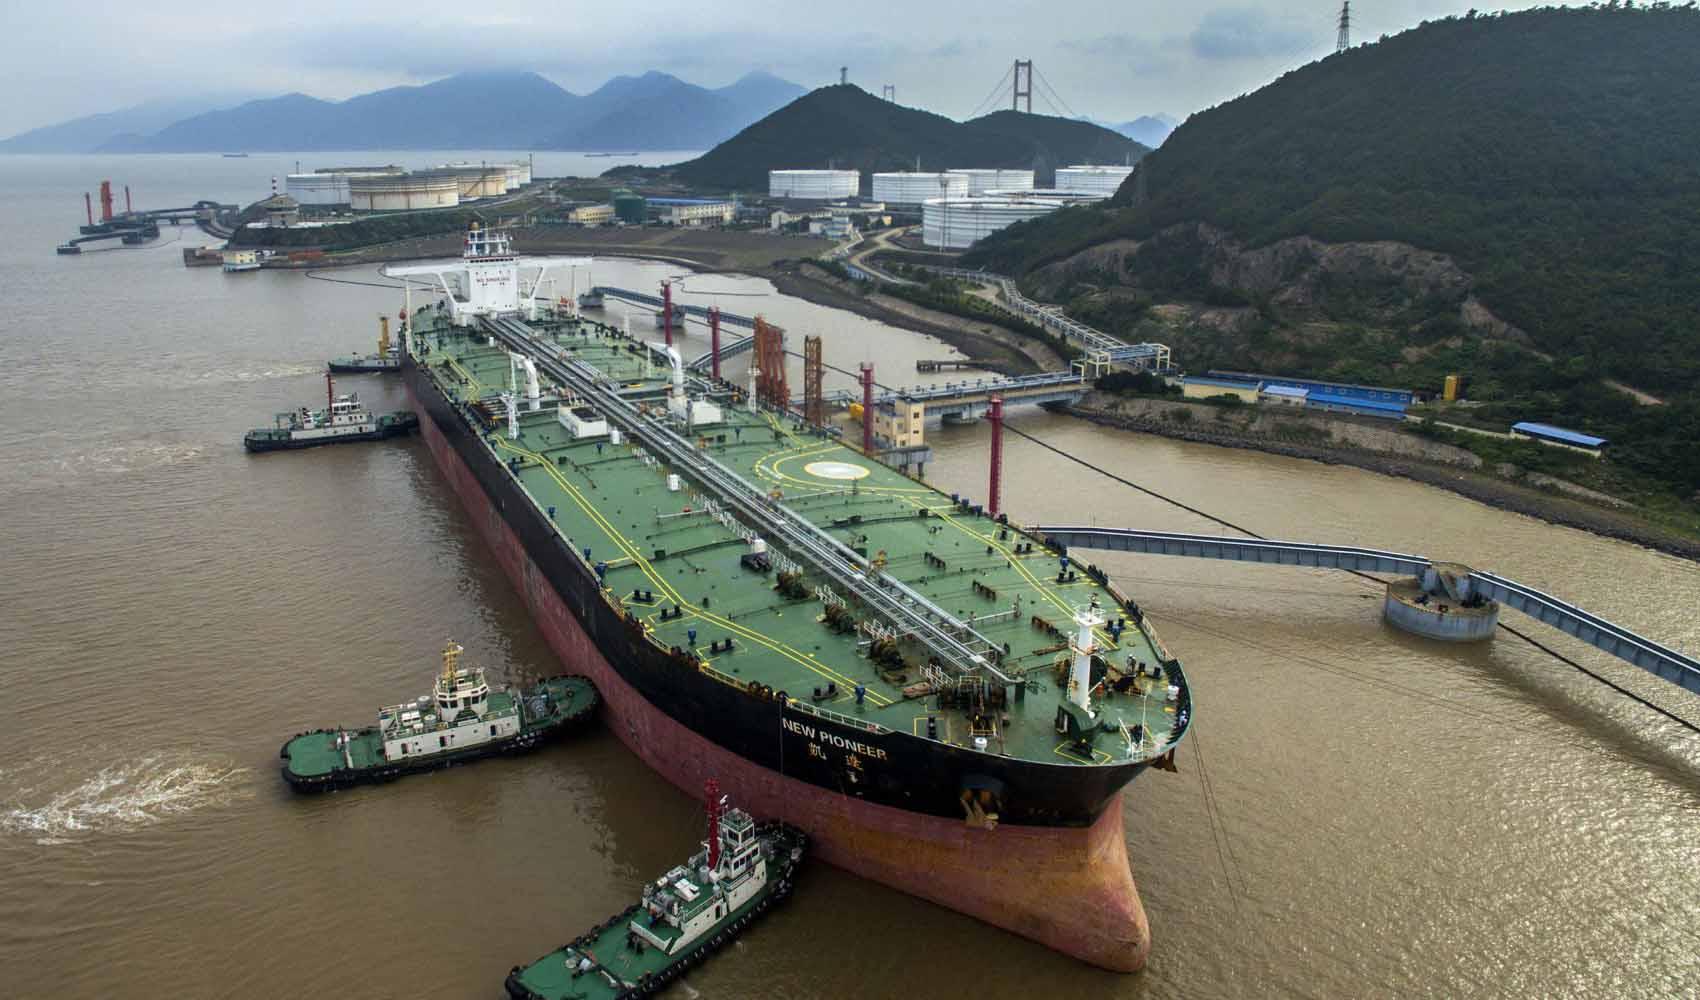 کره جنوبی واردات نفت خود را کاهش داد